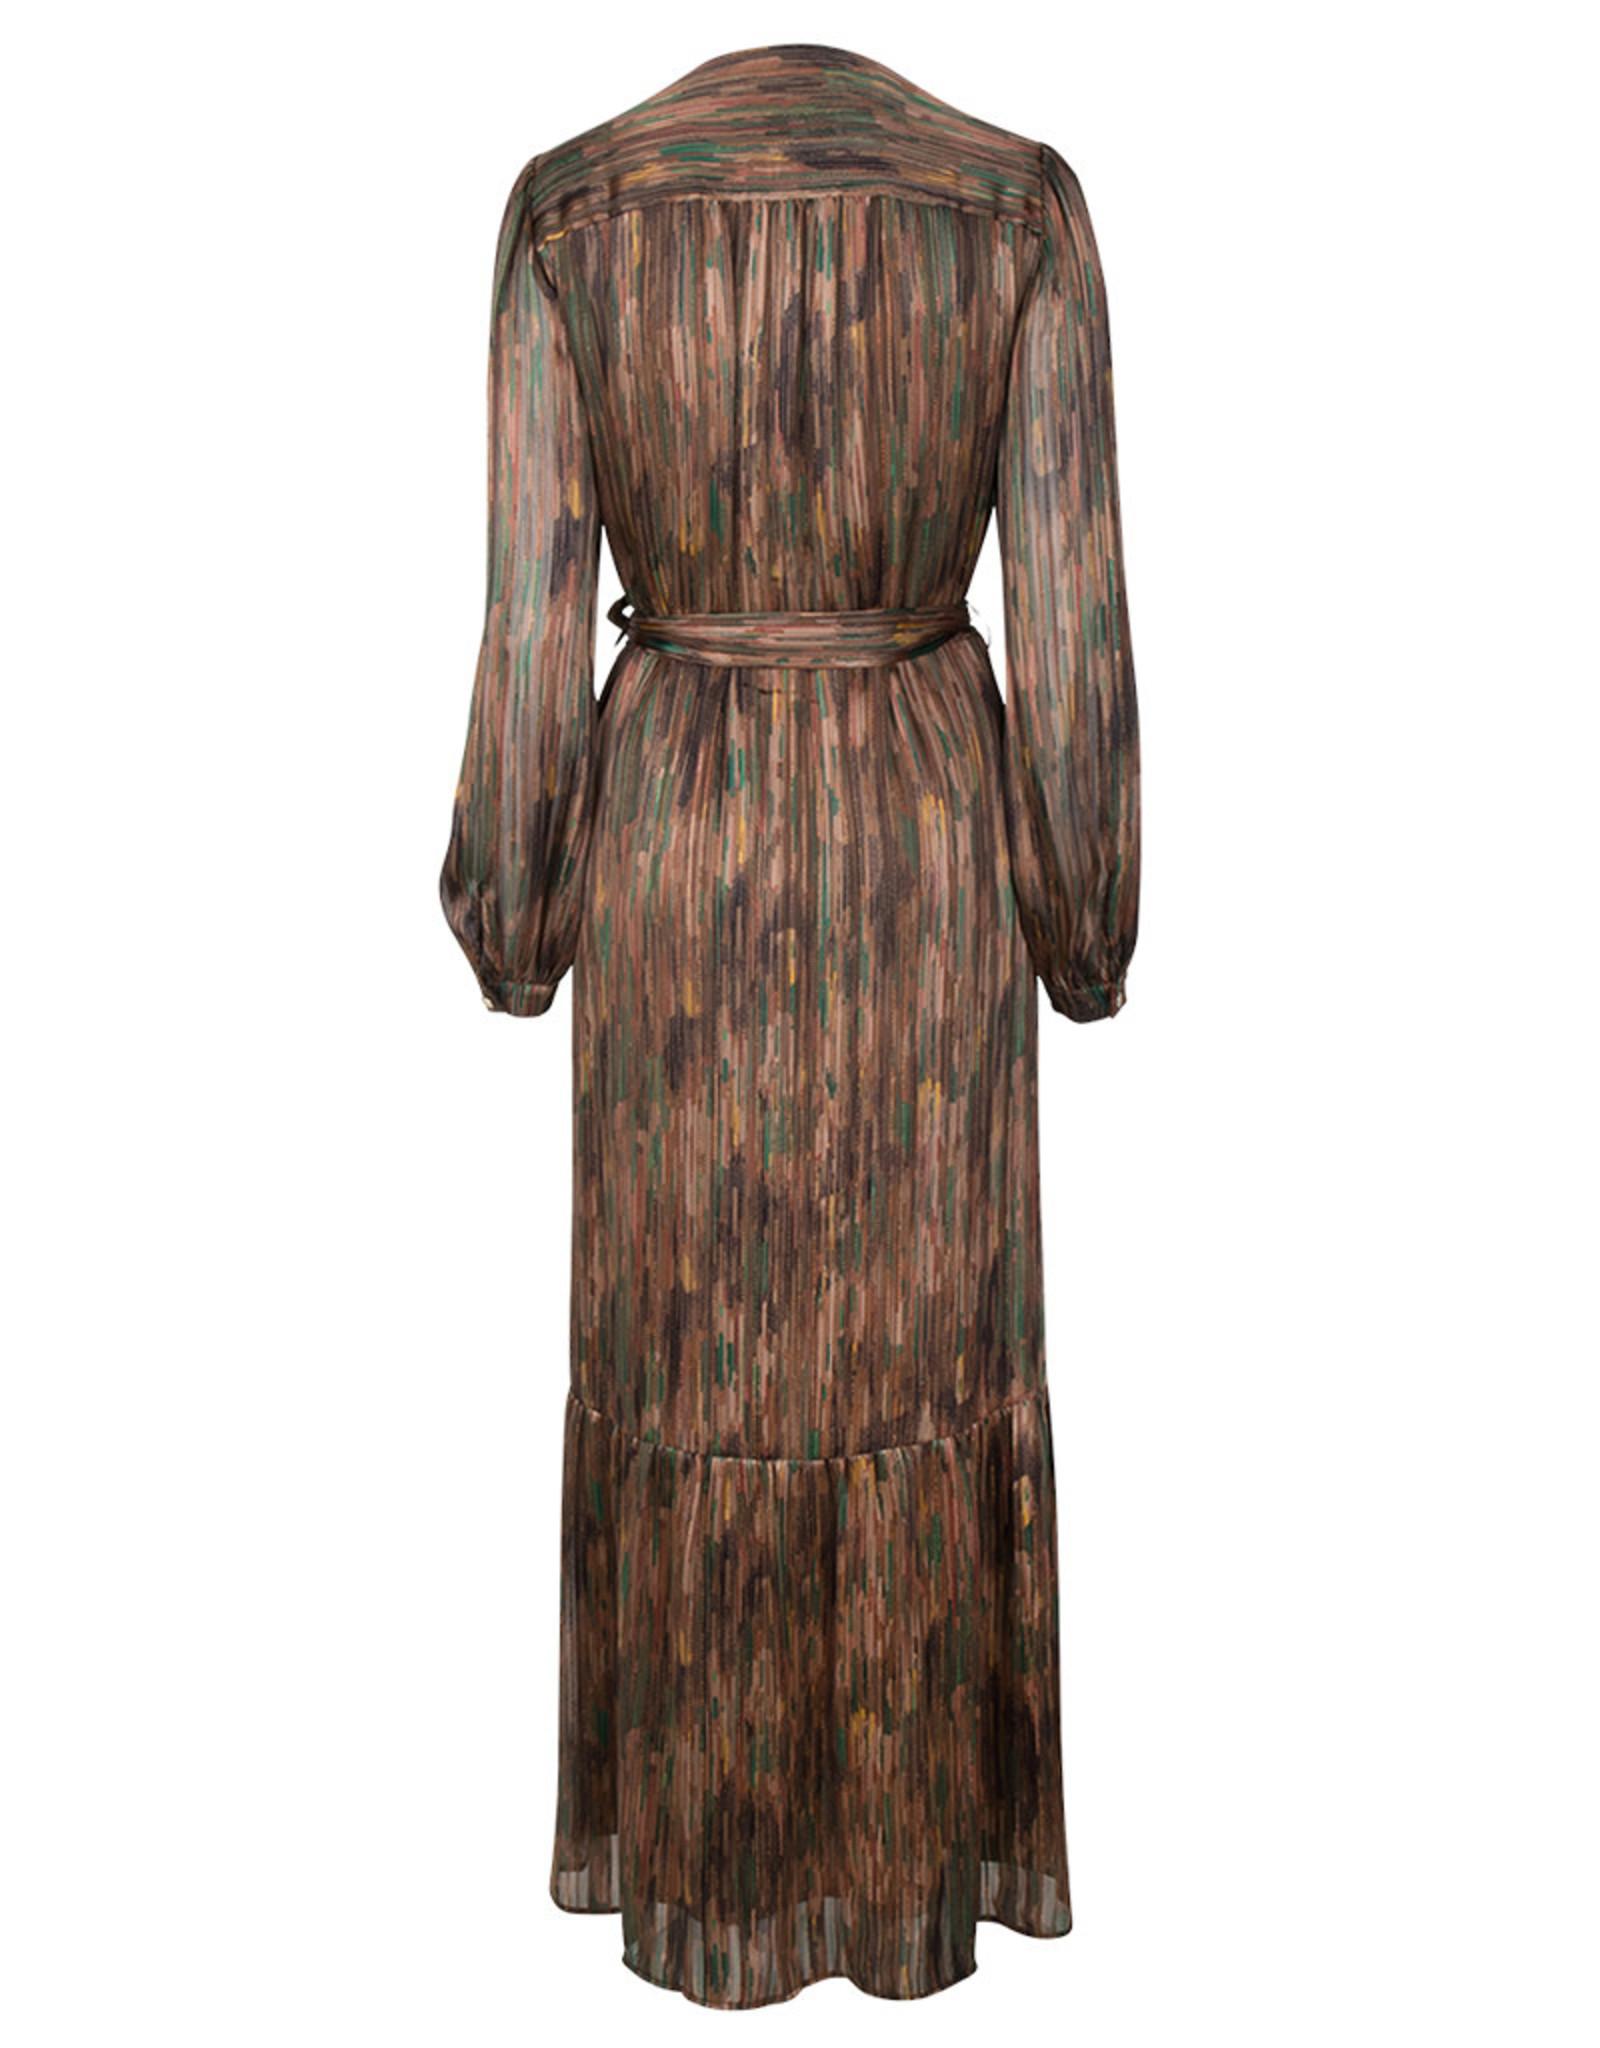 dante6 Manhatten Maxi Dress